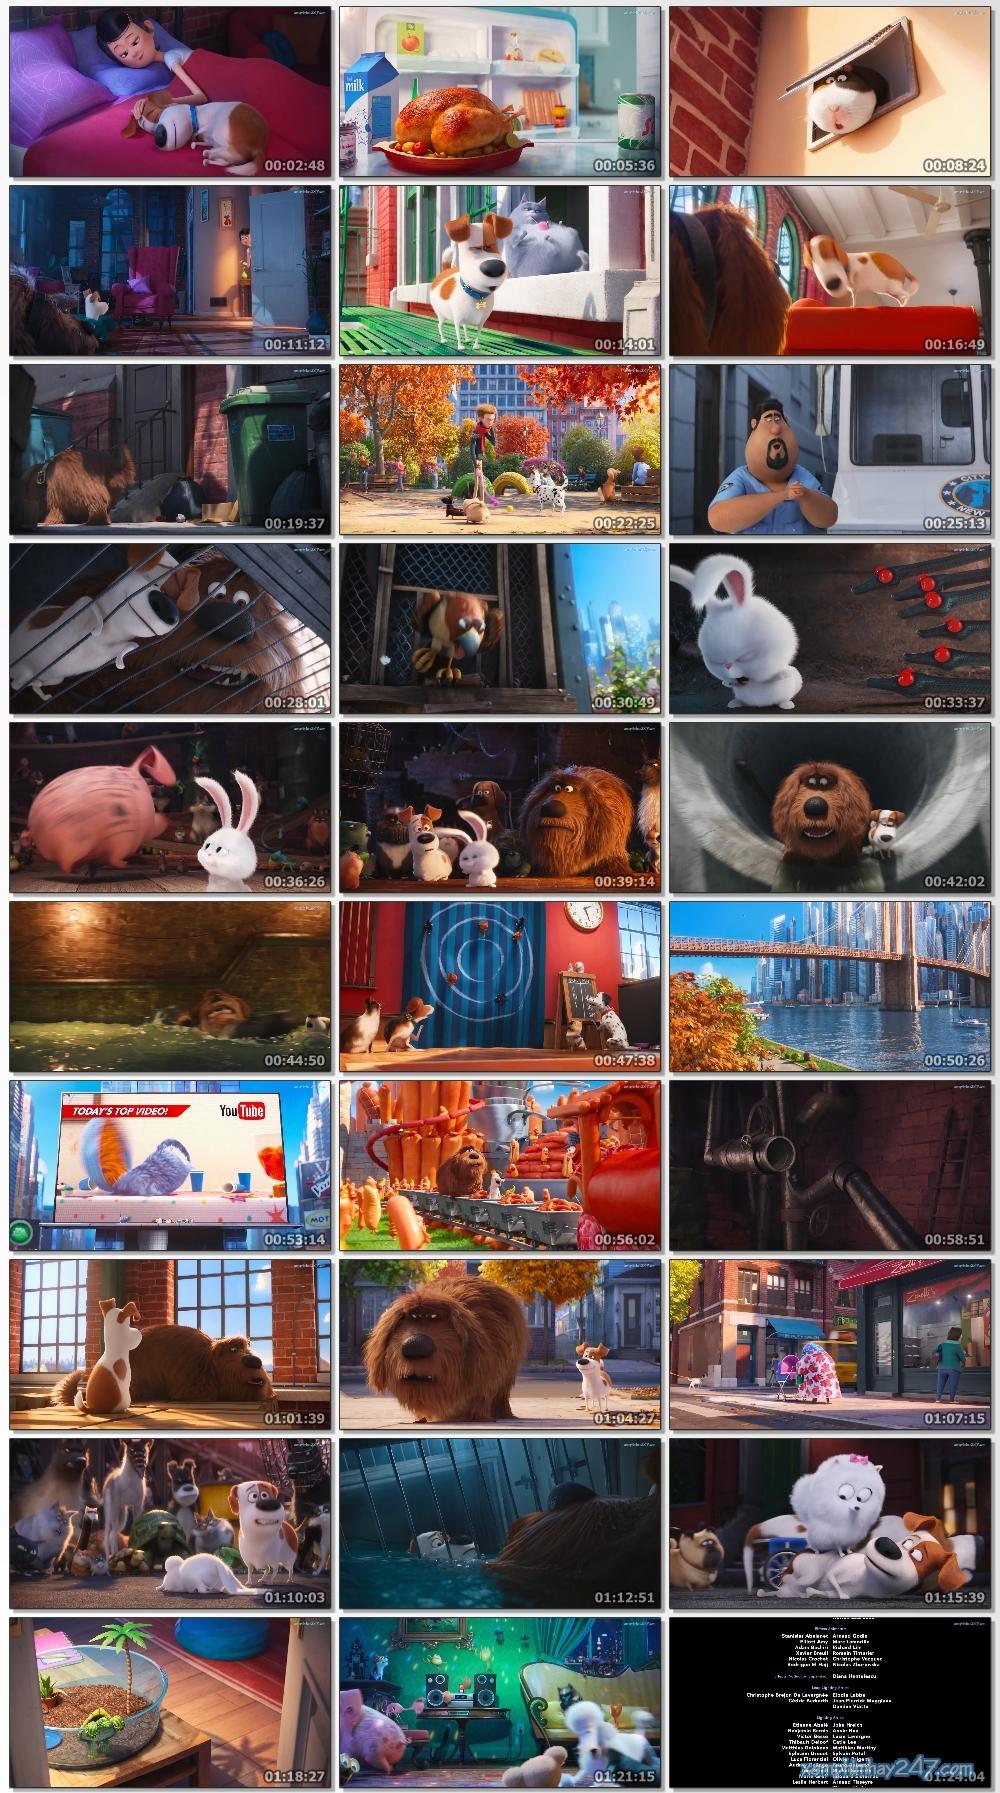 http://xemphimhay247.com - Xem phim hay 247 - Đẳng Cấp Thú Cưng (2016) - The Secret Life Of Pets (2016)